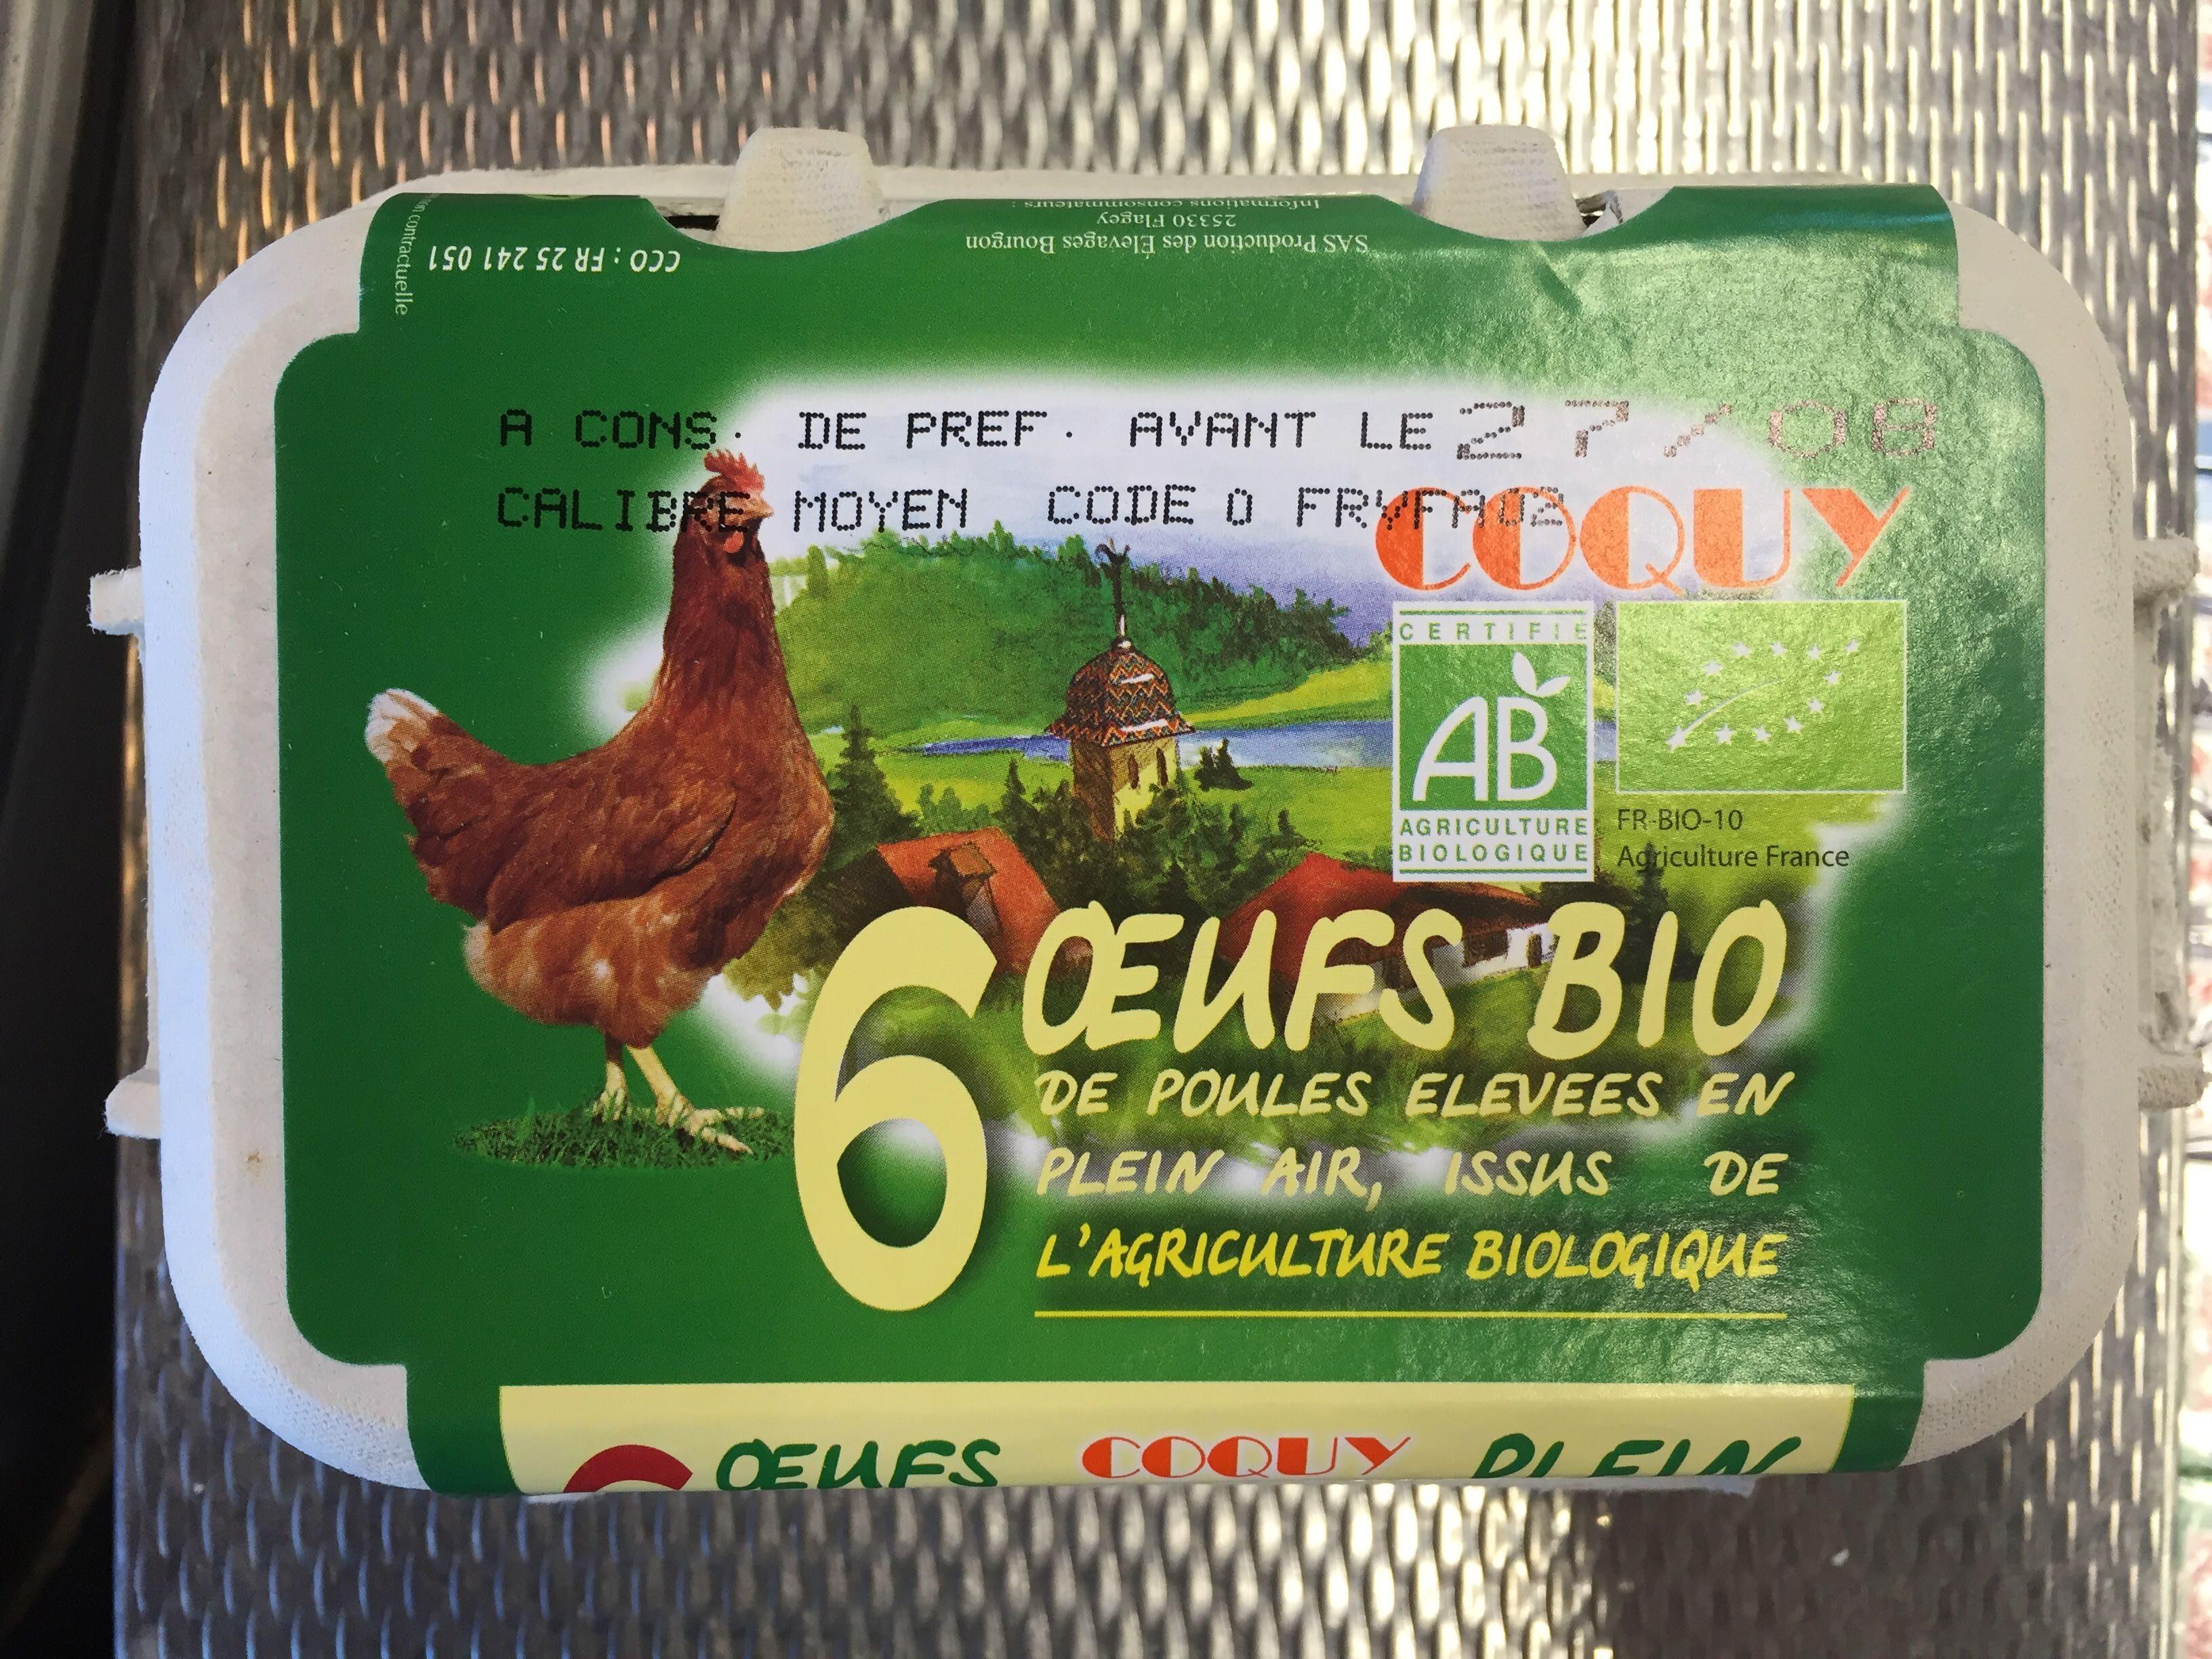 Œufs bio de poules élevées en plein air - Product - fr